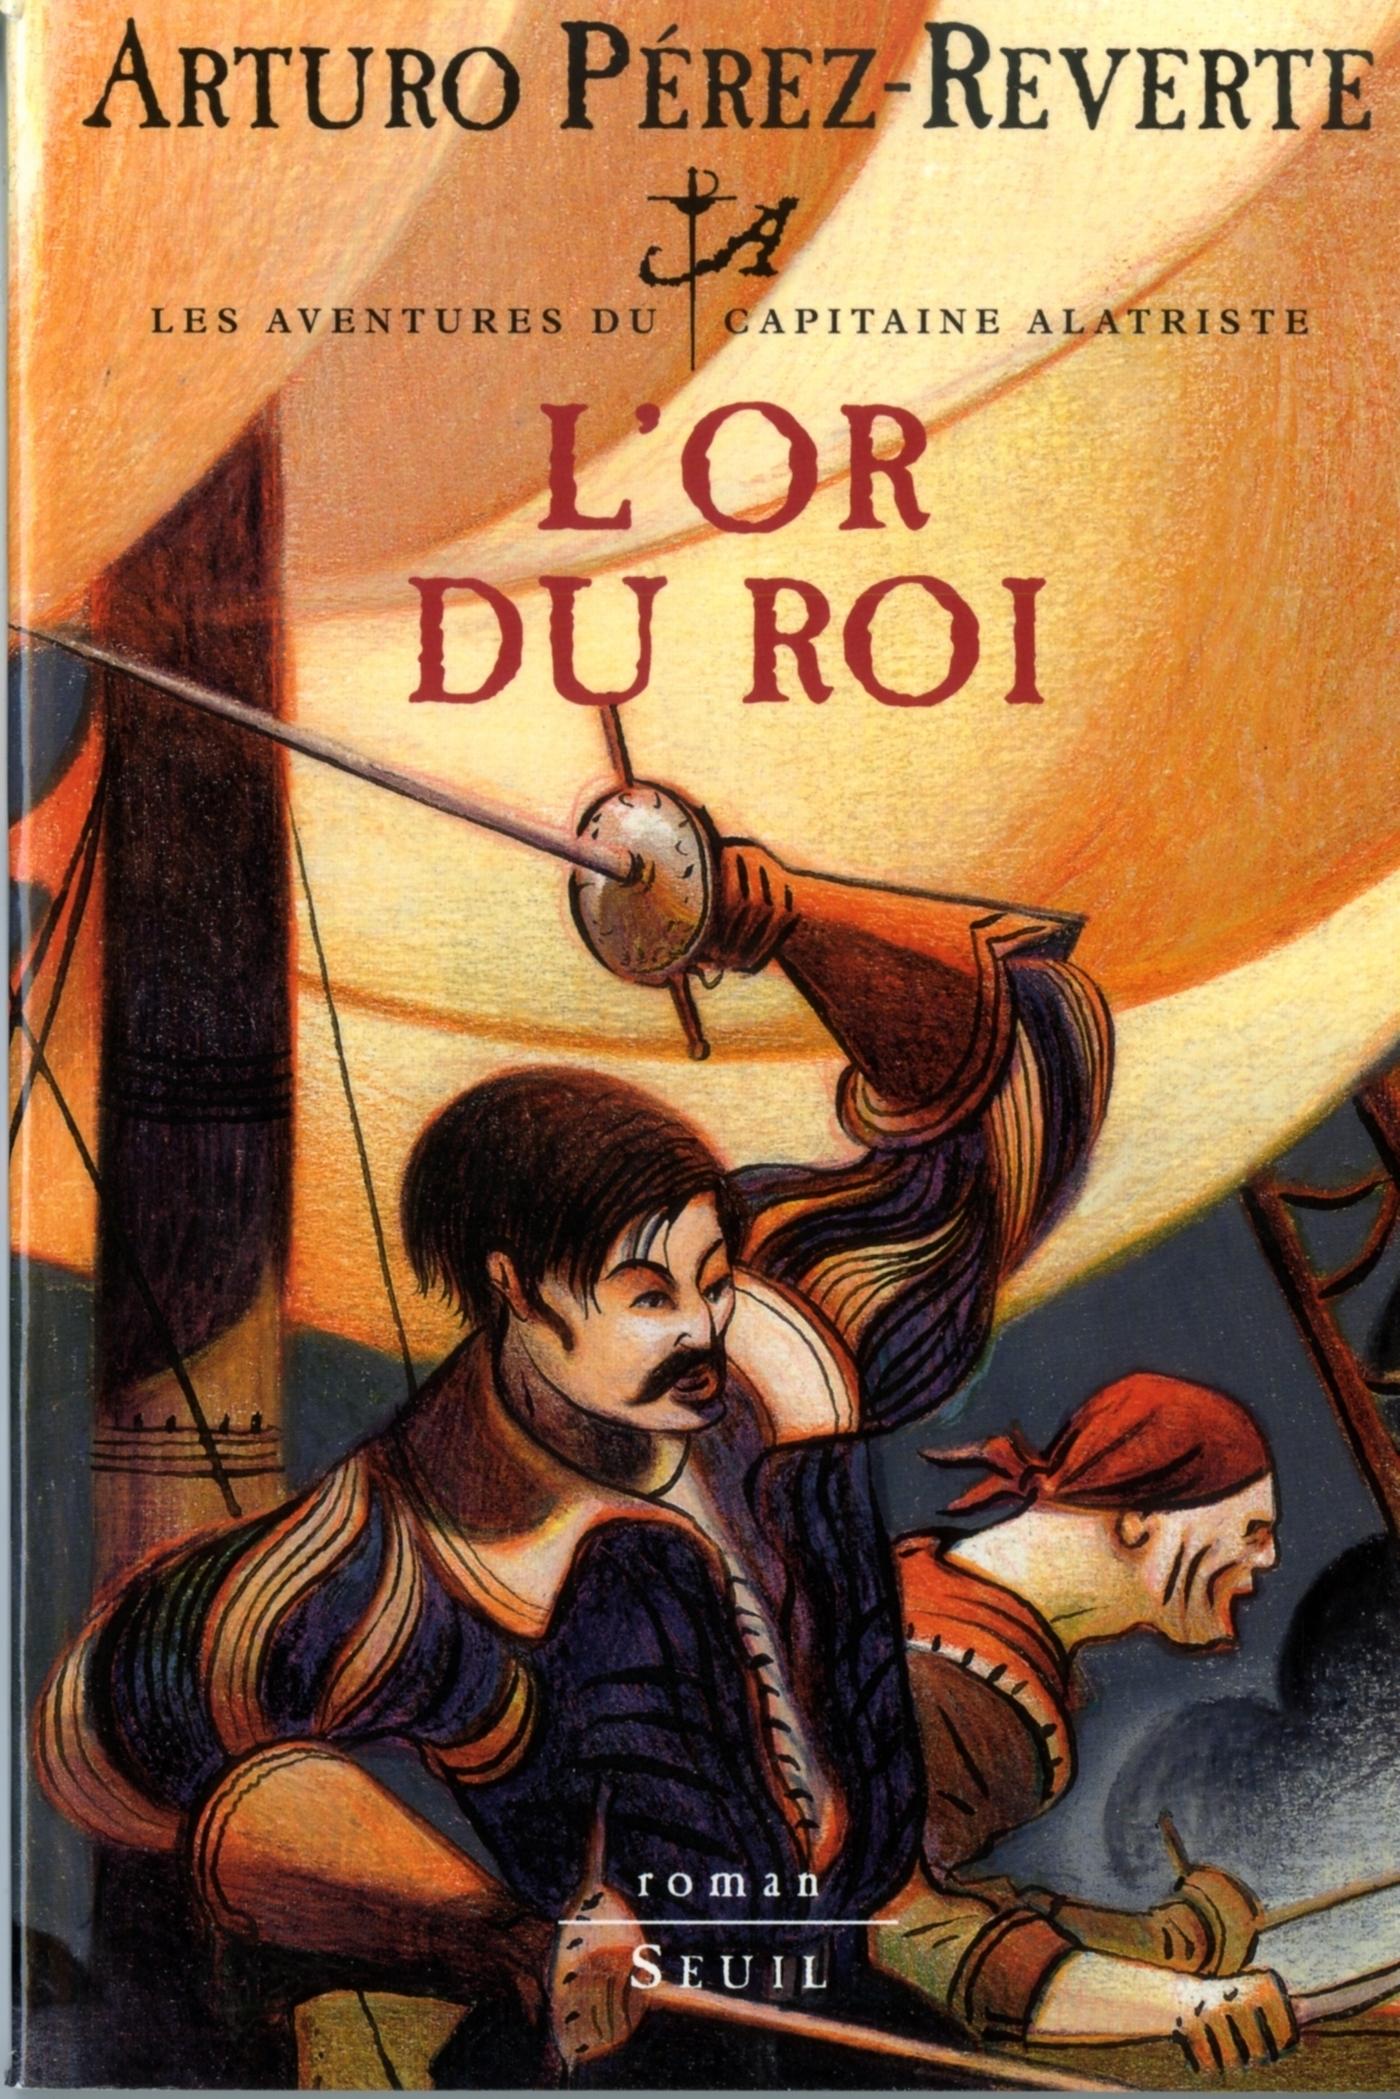 L'Or du roi, Les Aventures du Capitaine Alatriste, t. 4 | Pérez-Reverte, Arturo